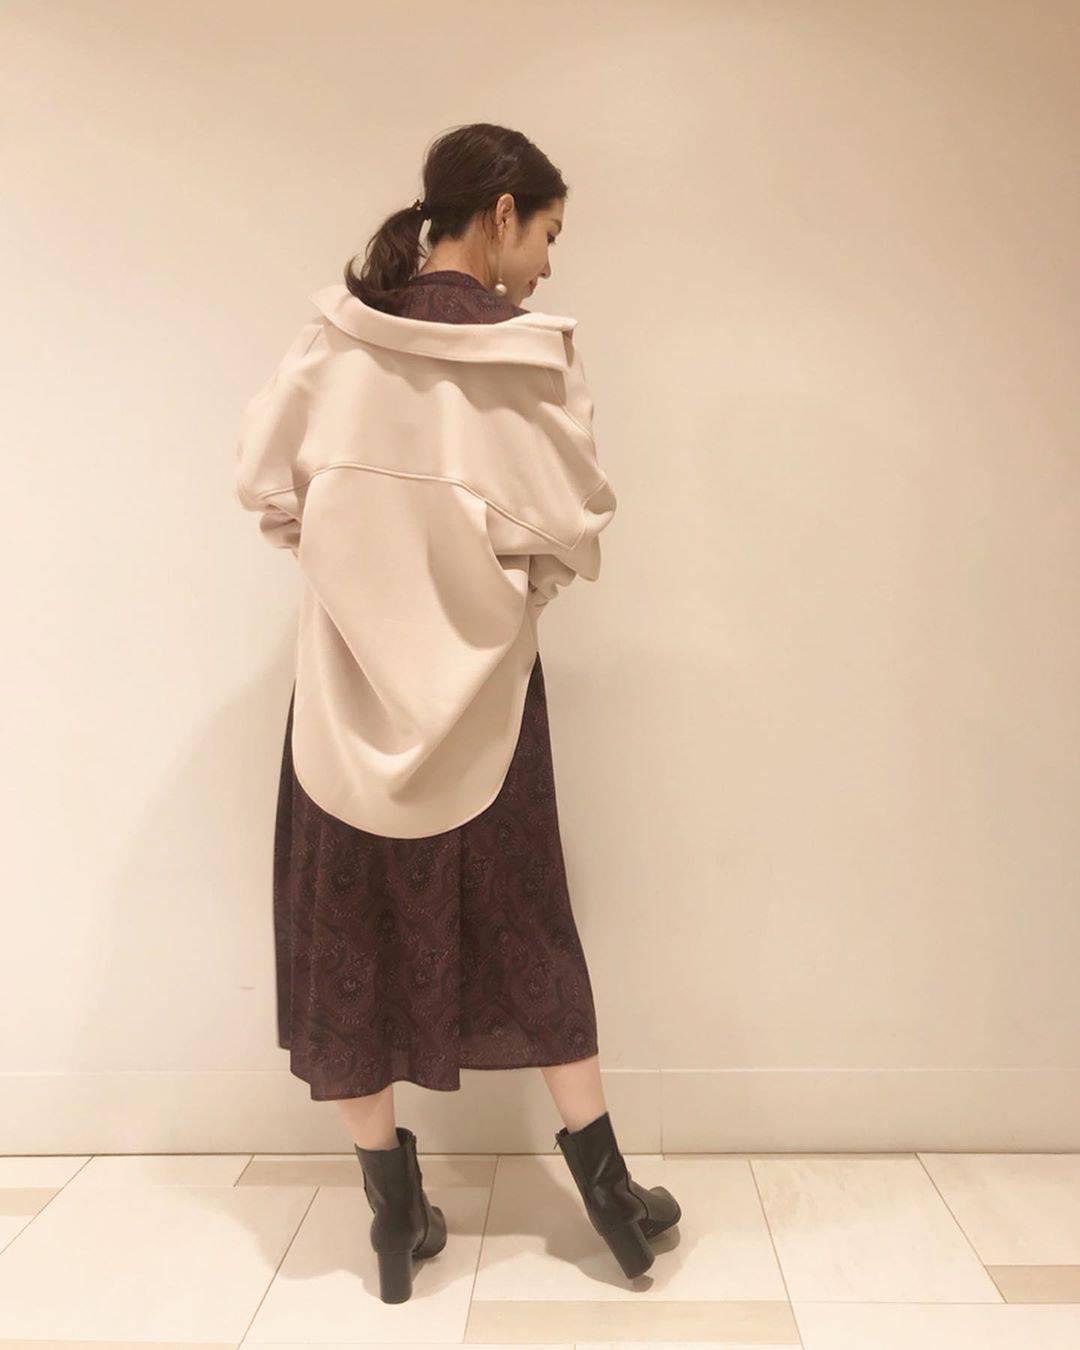 最高気温30度・最低気温21度 hikari_k0122の服装